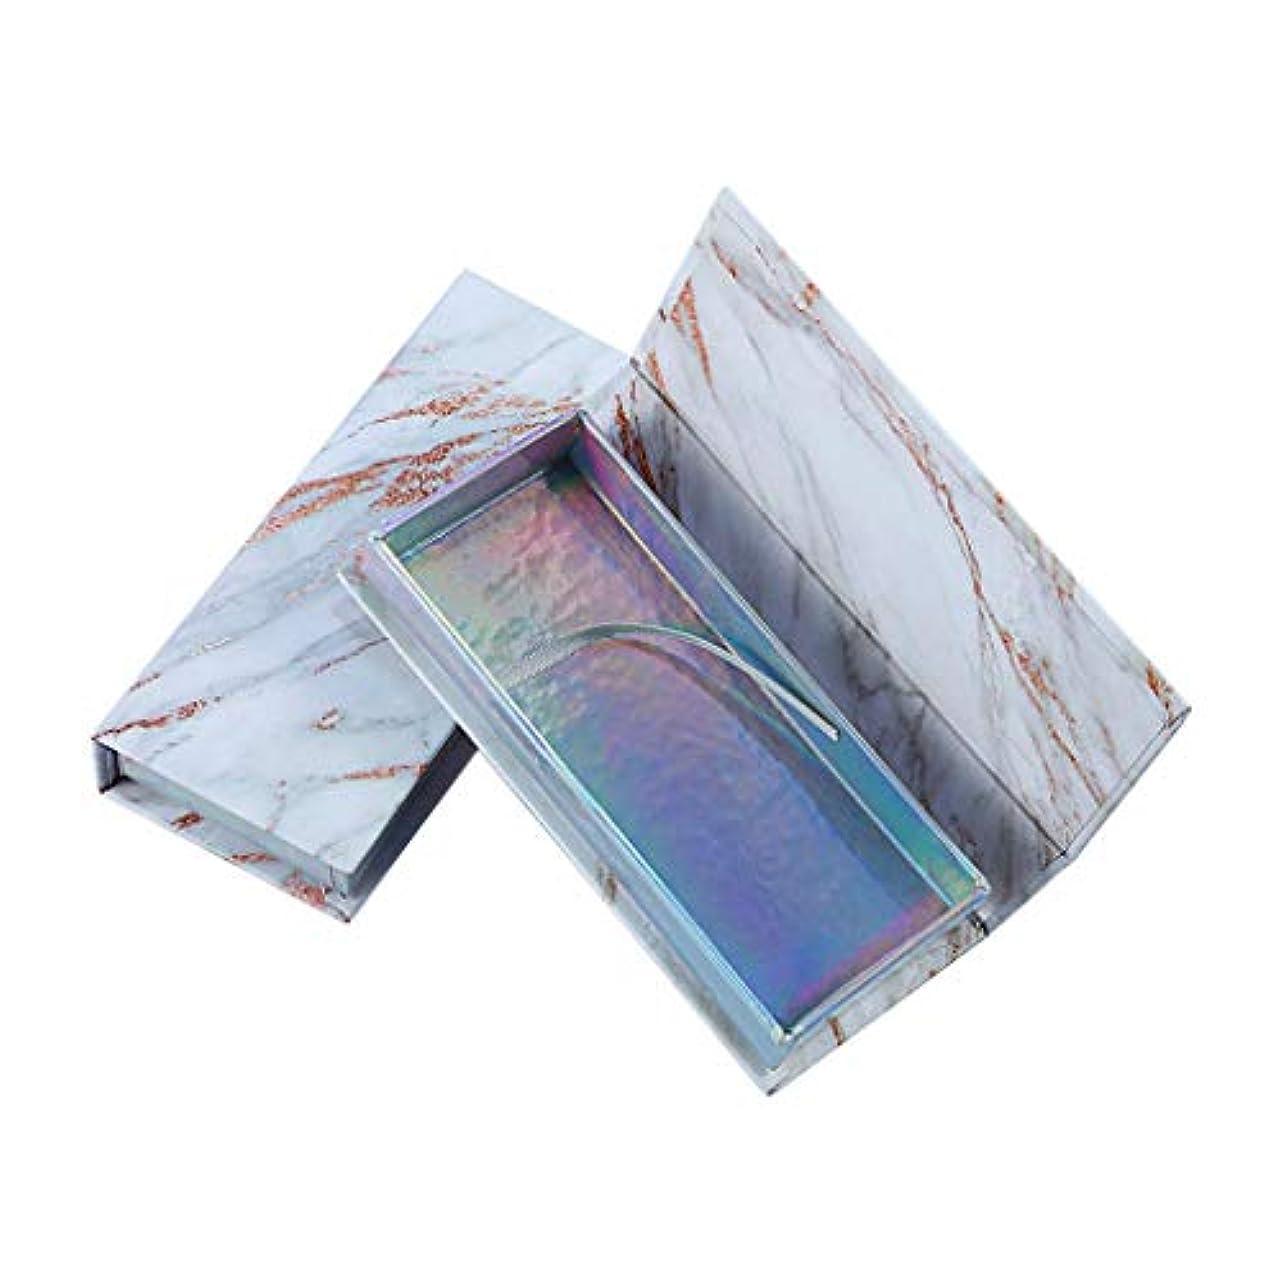 国旗旧正月基礎理論ビューティー 収納ボックス ファッション シンプル つけまつげ アイラッシュ ボックス メイクアップ ビューティー 収納ボックス 大理石 まつげボックス (ブラック)